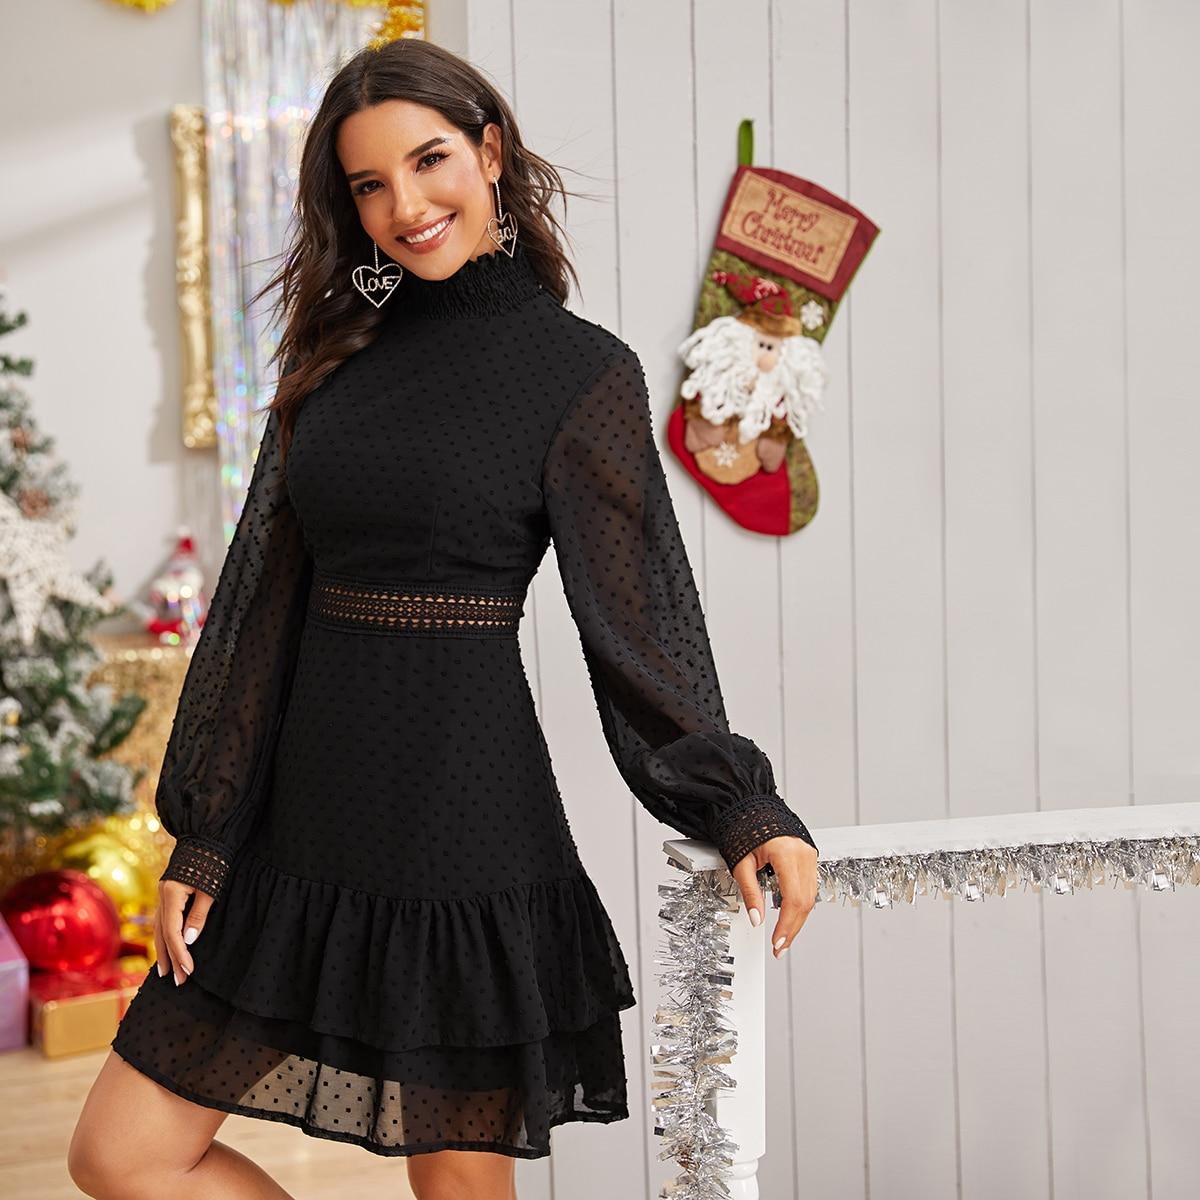 Стильное платье с многослойным низом фото